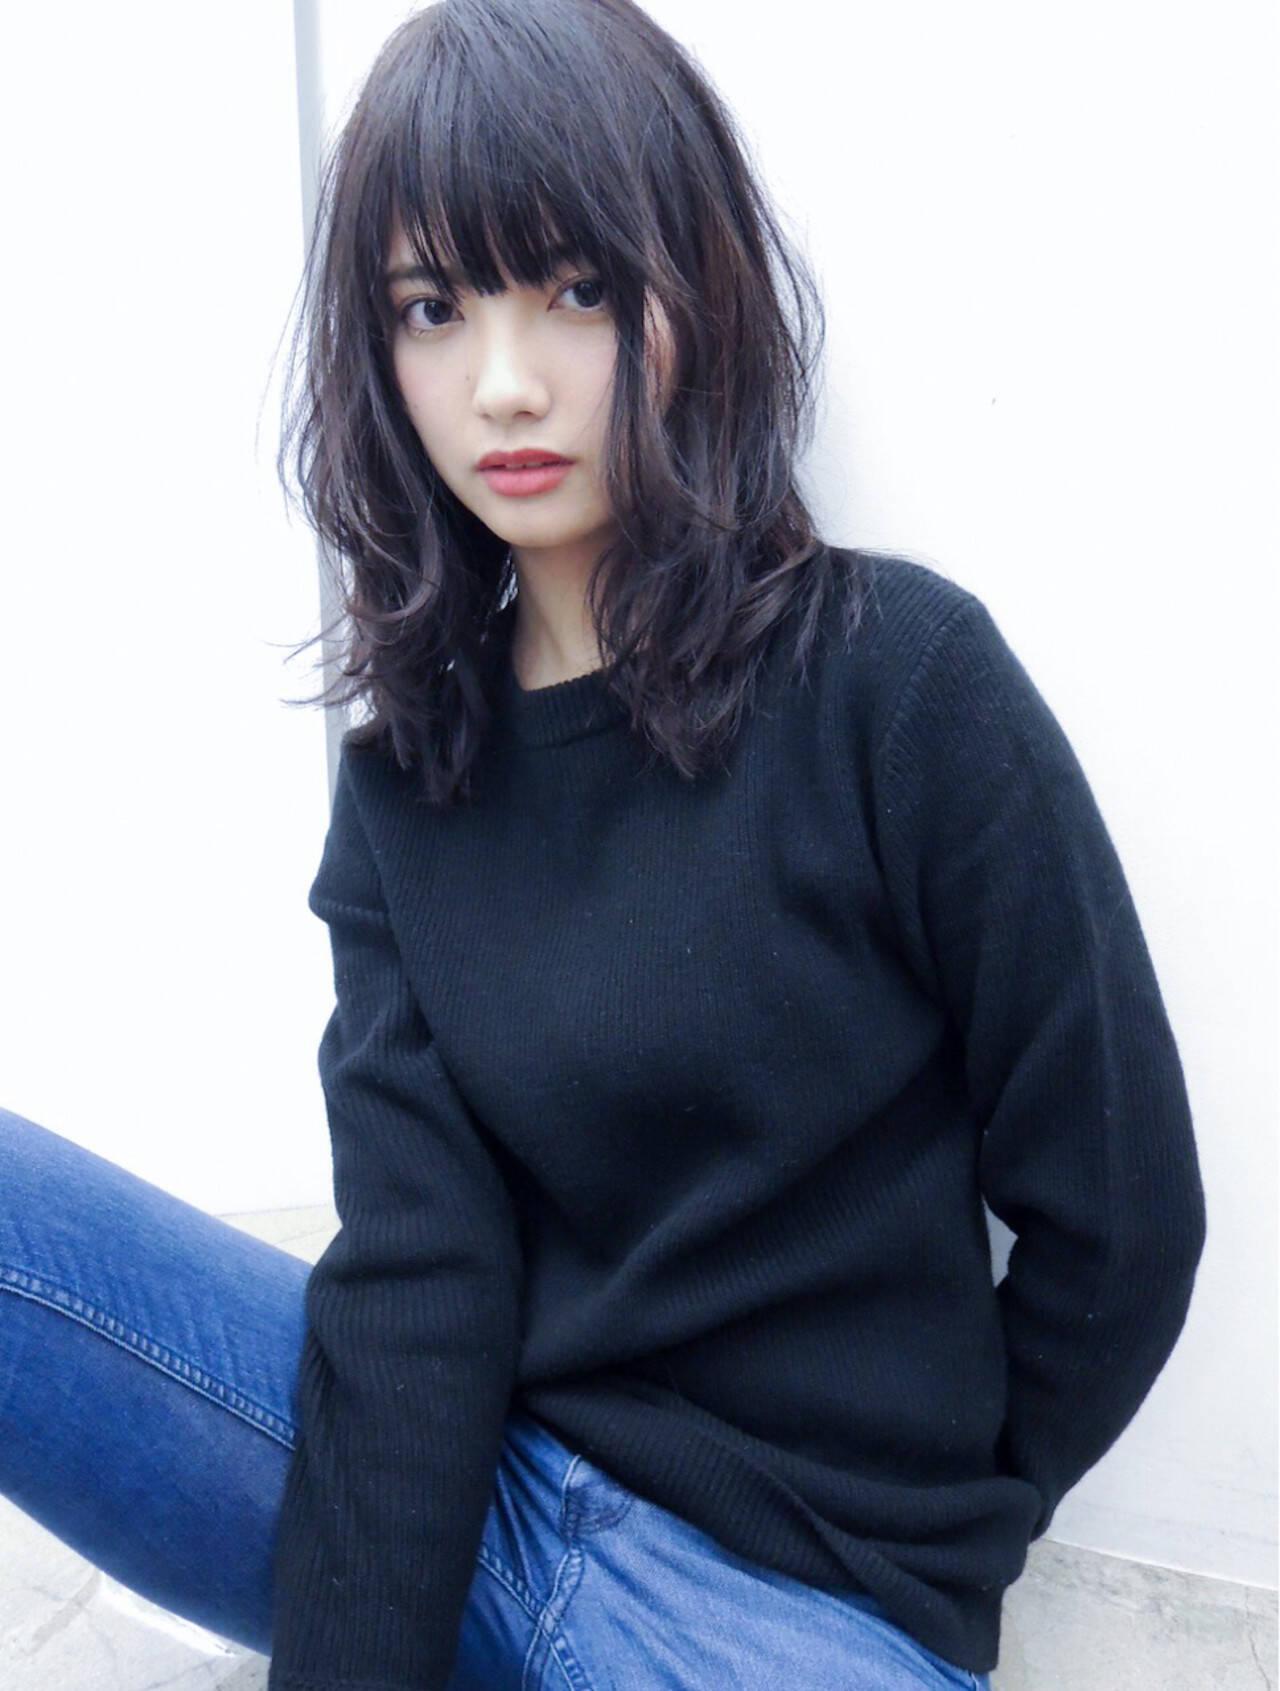 黒髪 デジタルパーマ 前髪あり パーマヘアスタイルや髪型の写真・画像